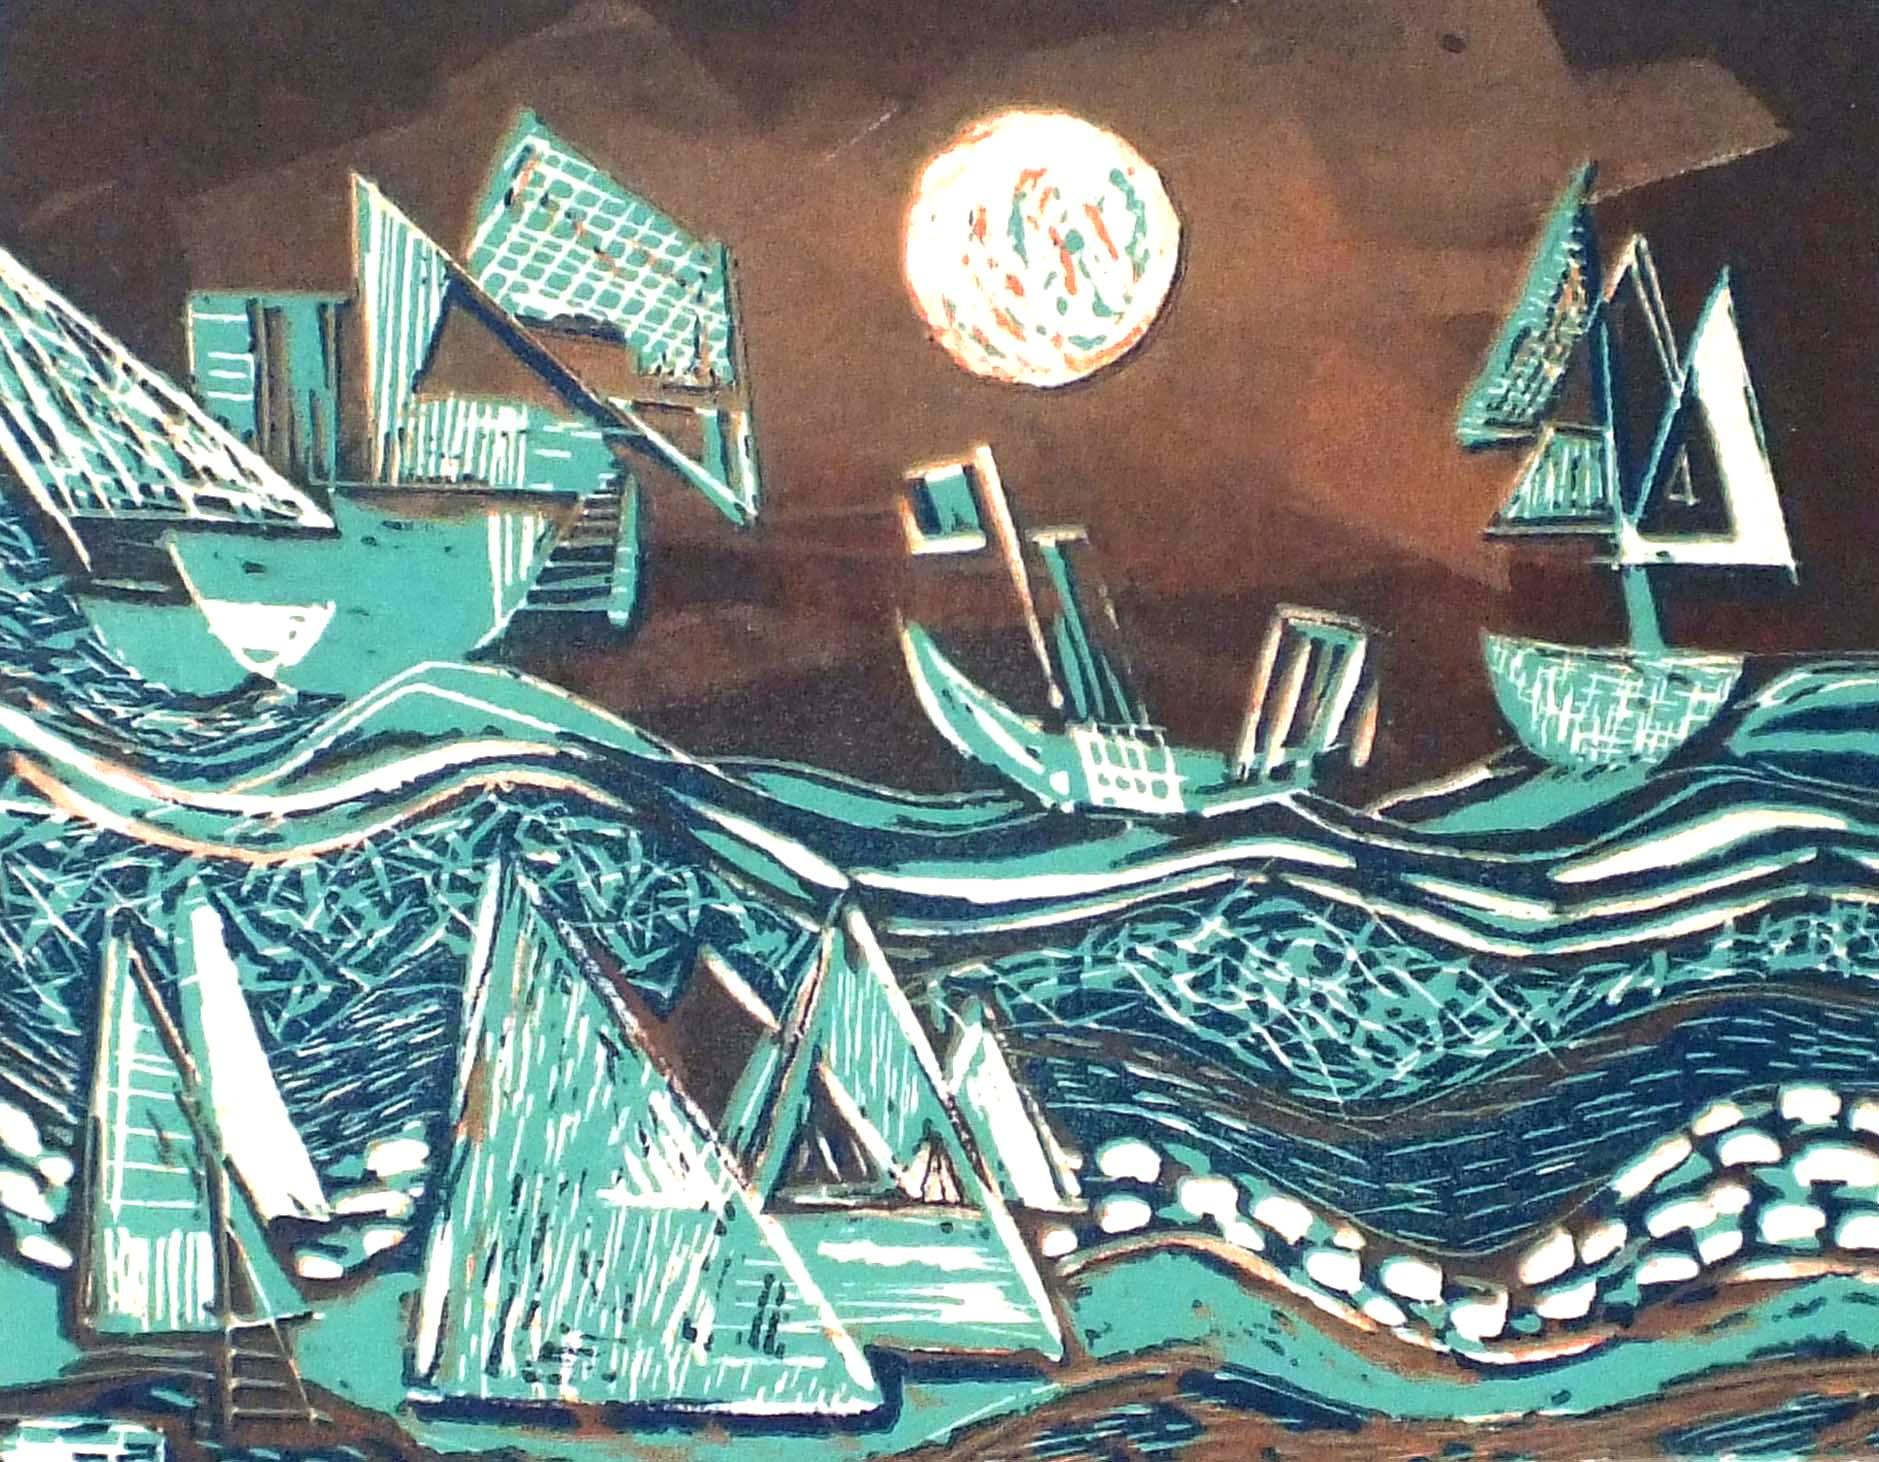 Paul Klee #4 image complete.jpg